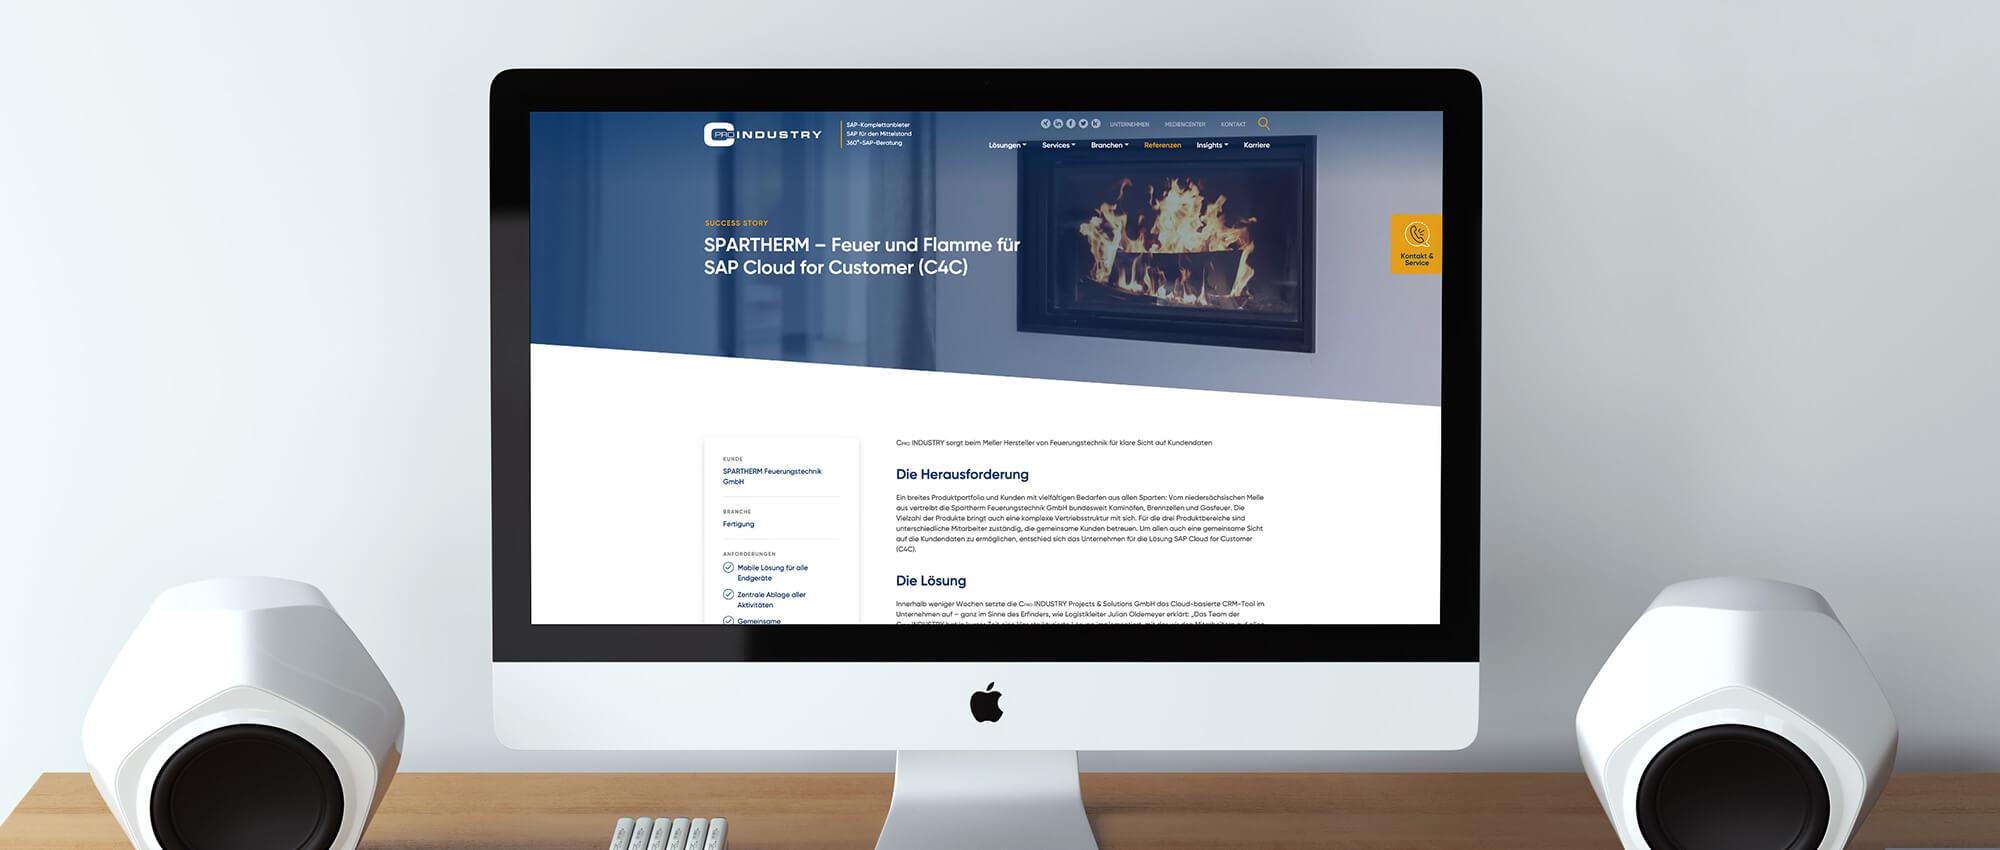 Desktopansicht der SuccessStories von der Webseite von CPRO